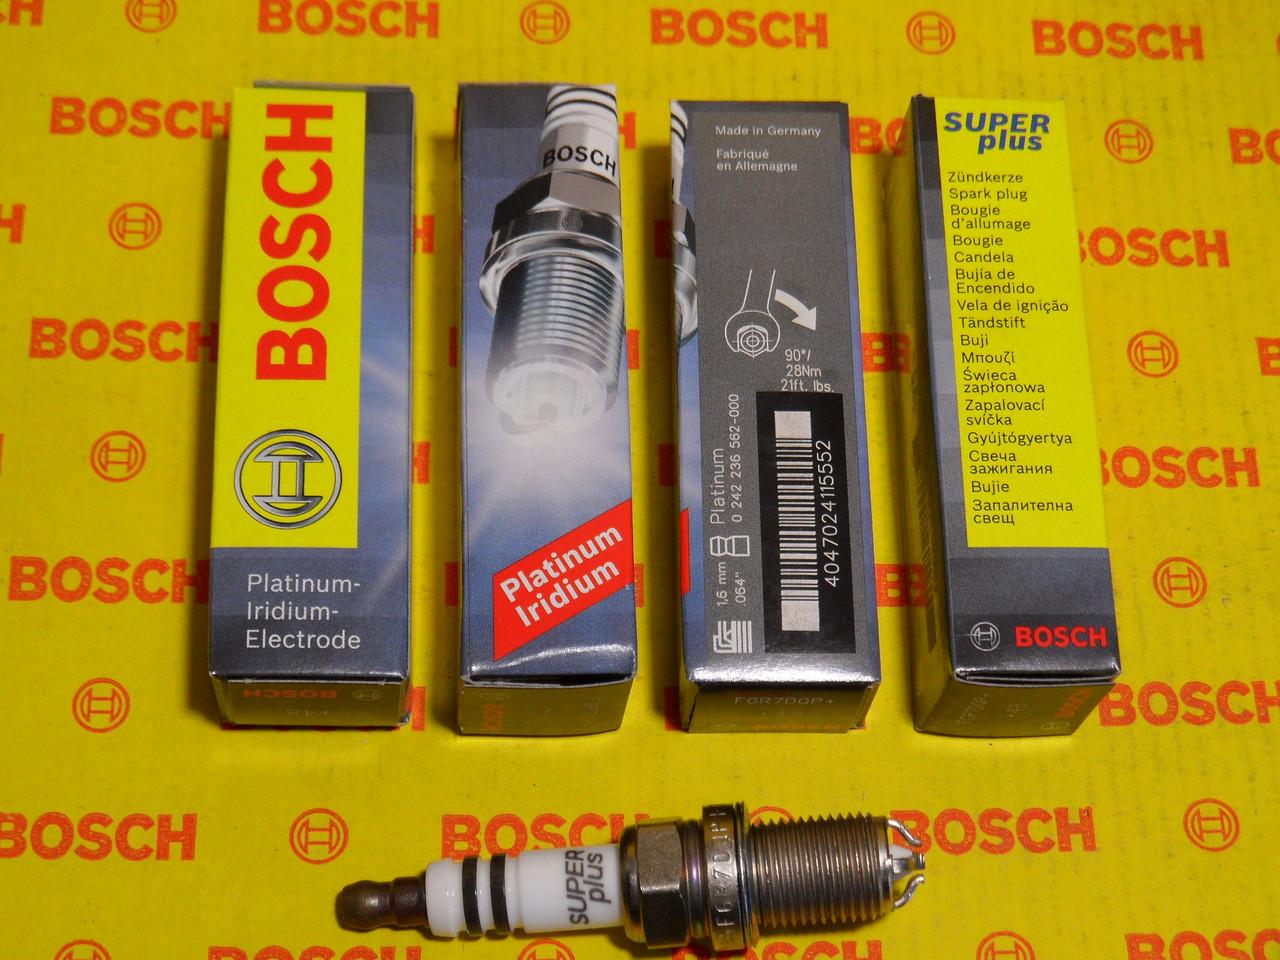 Свечи зажигания BOSCH, FGR7DQP+, +48, 1.6, Super +, 0242236562, 0 242 236 562,